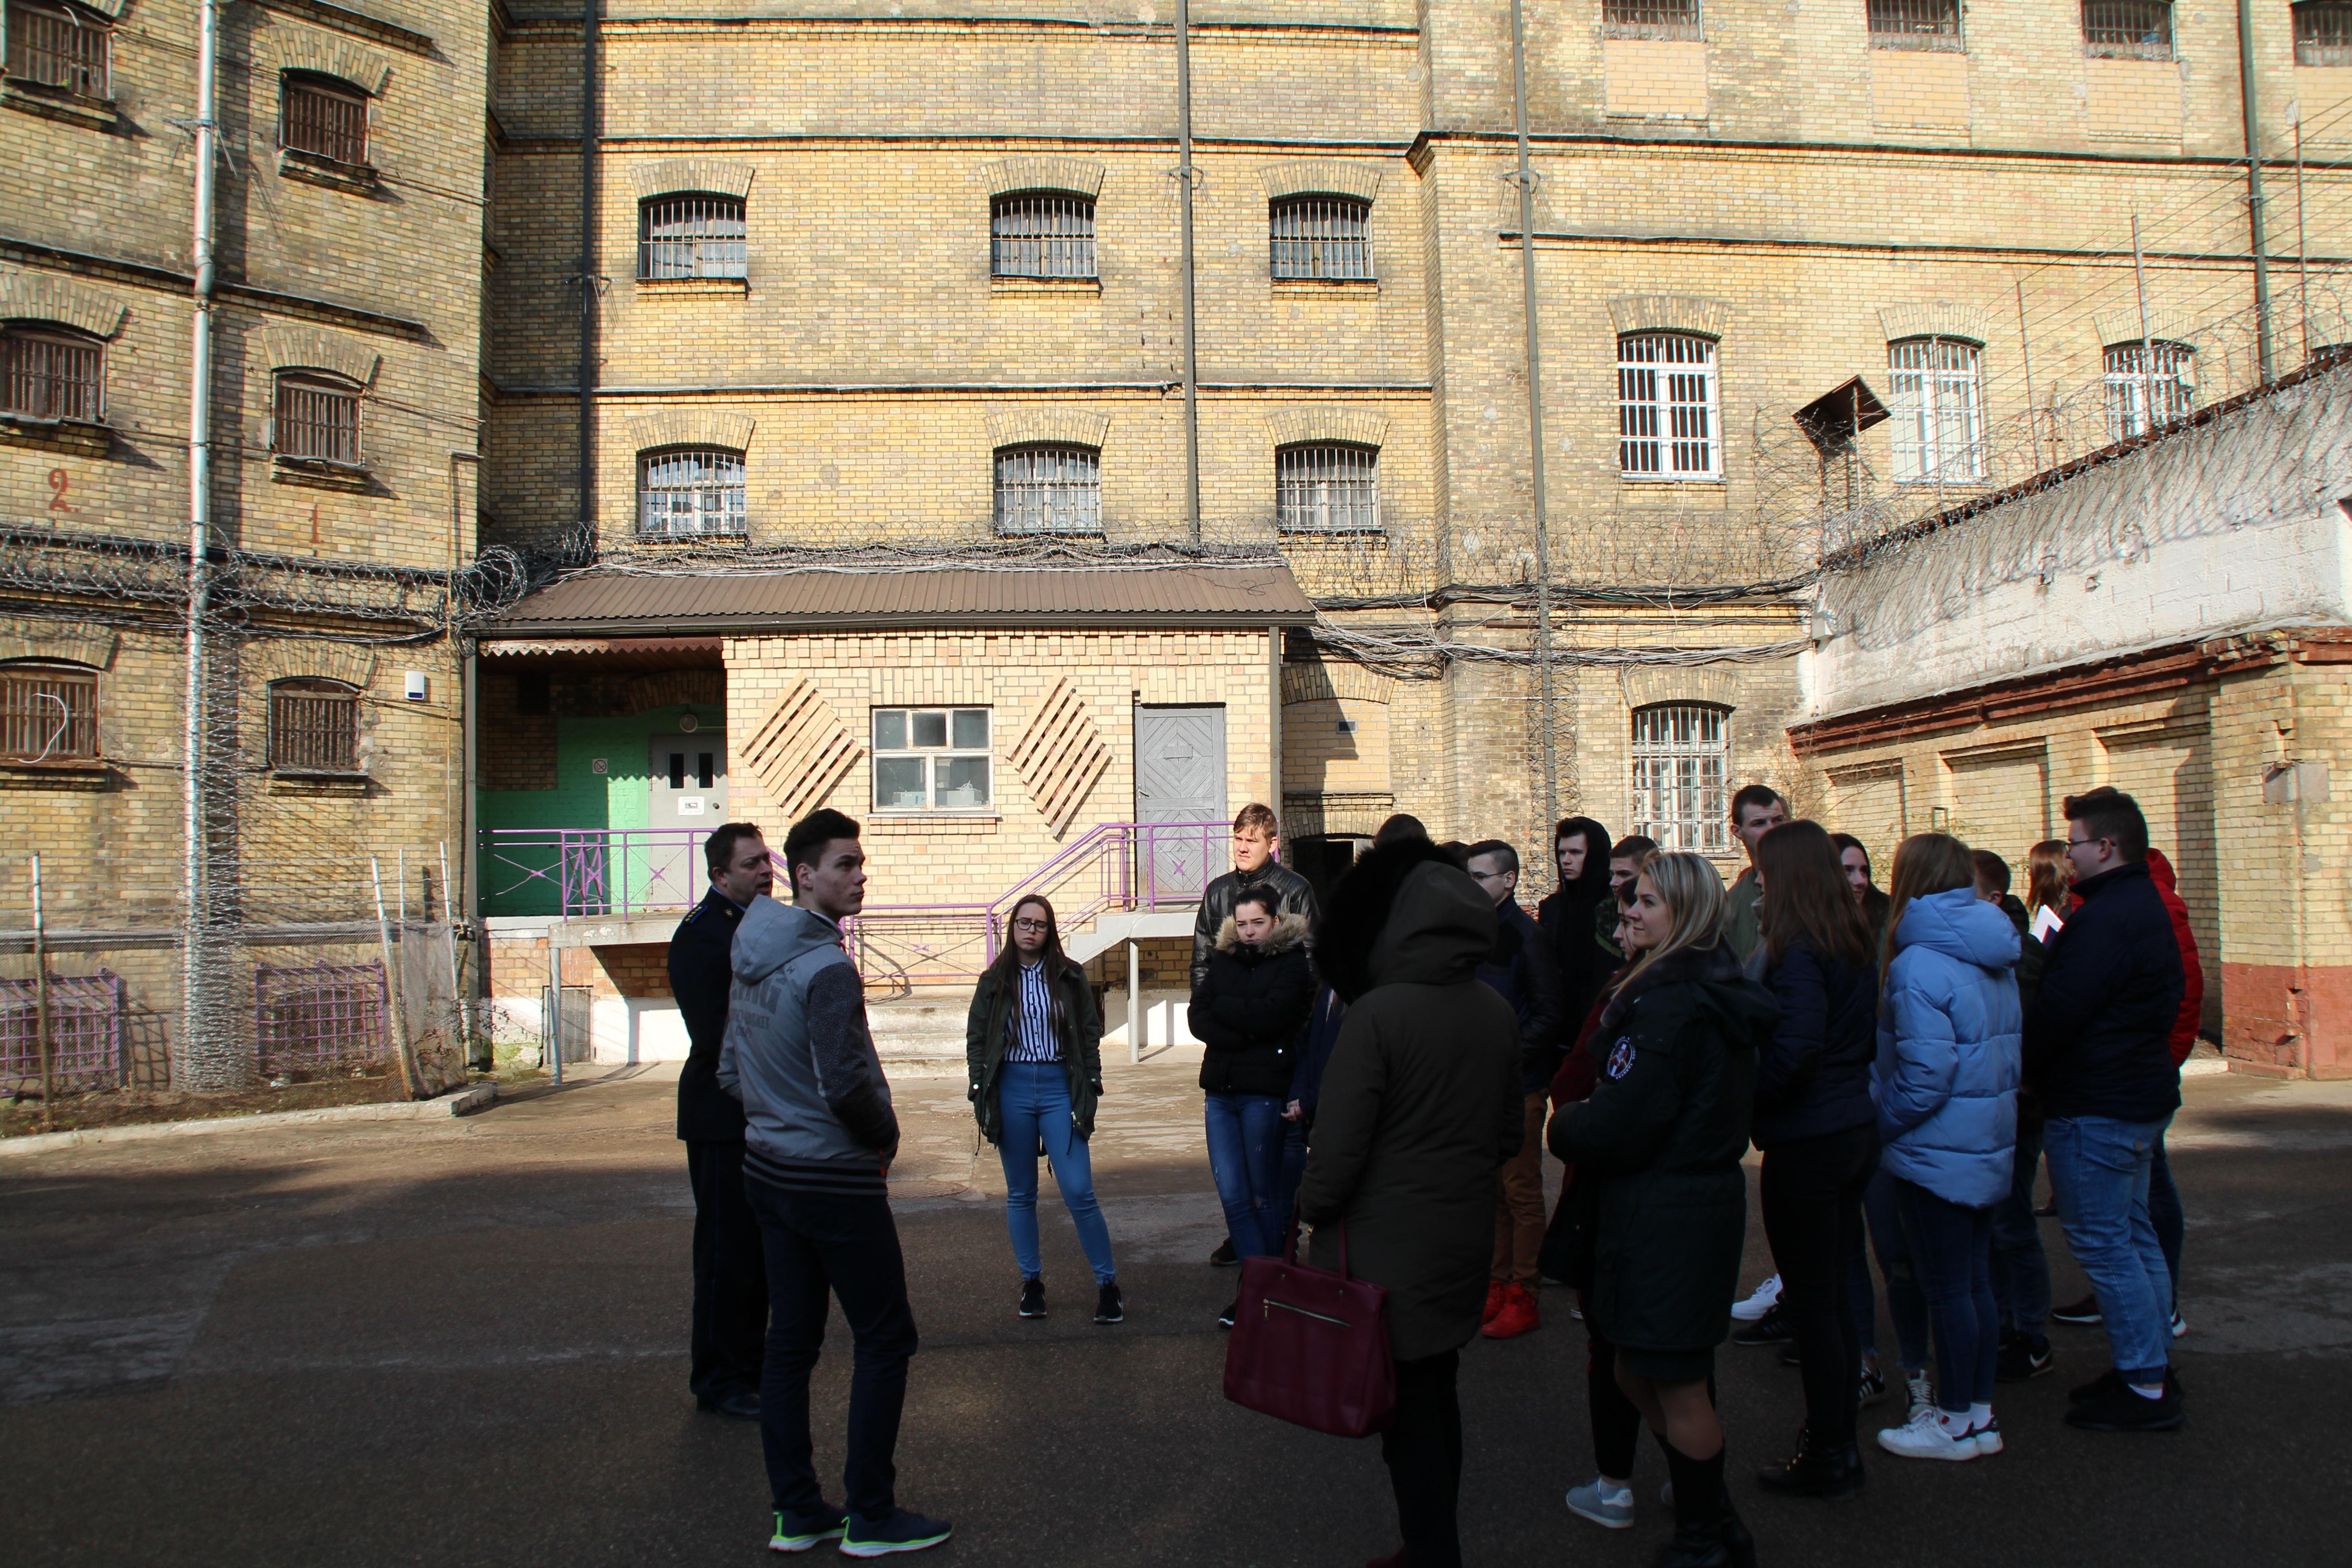 JPB nariams ekskursija į kitokį gyvenimą Lukiškėse